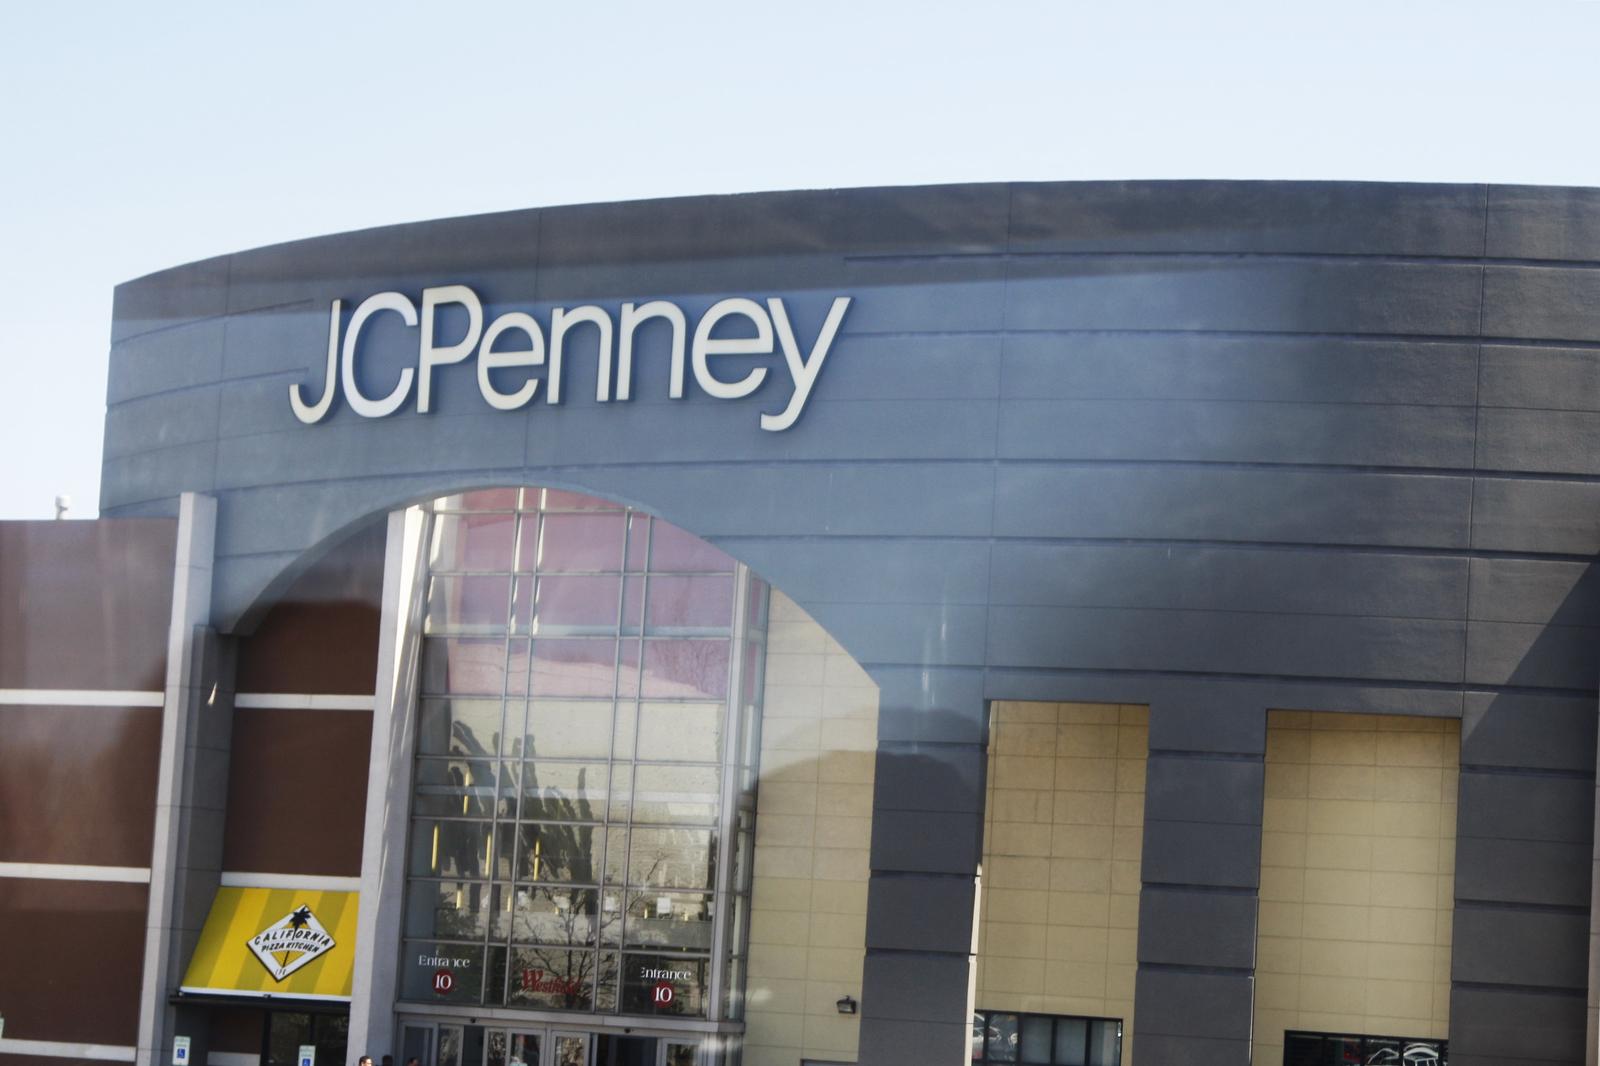 JC Penney's